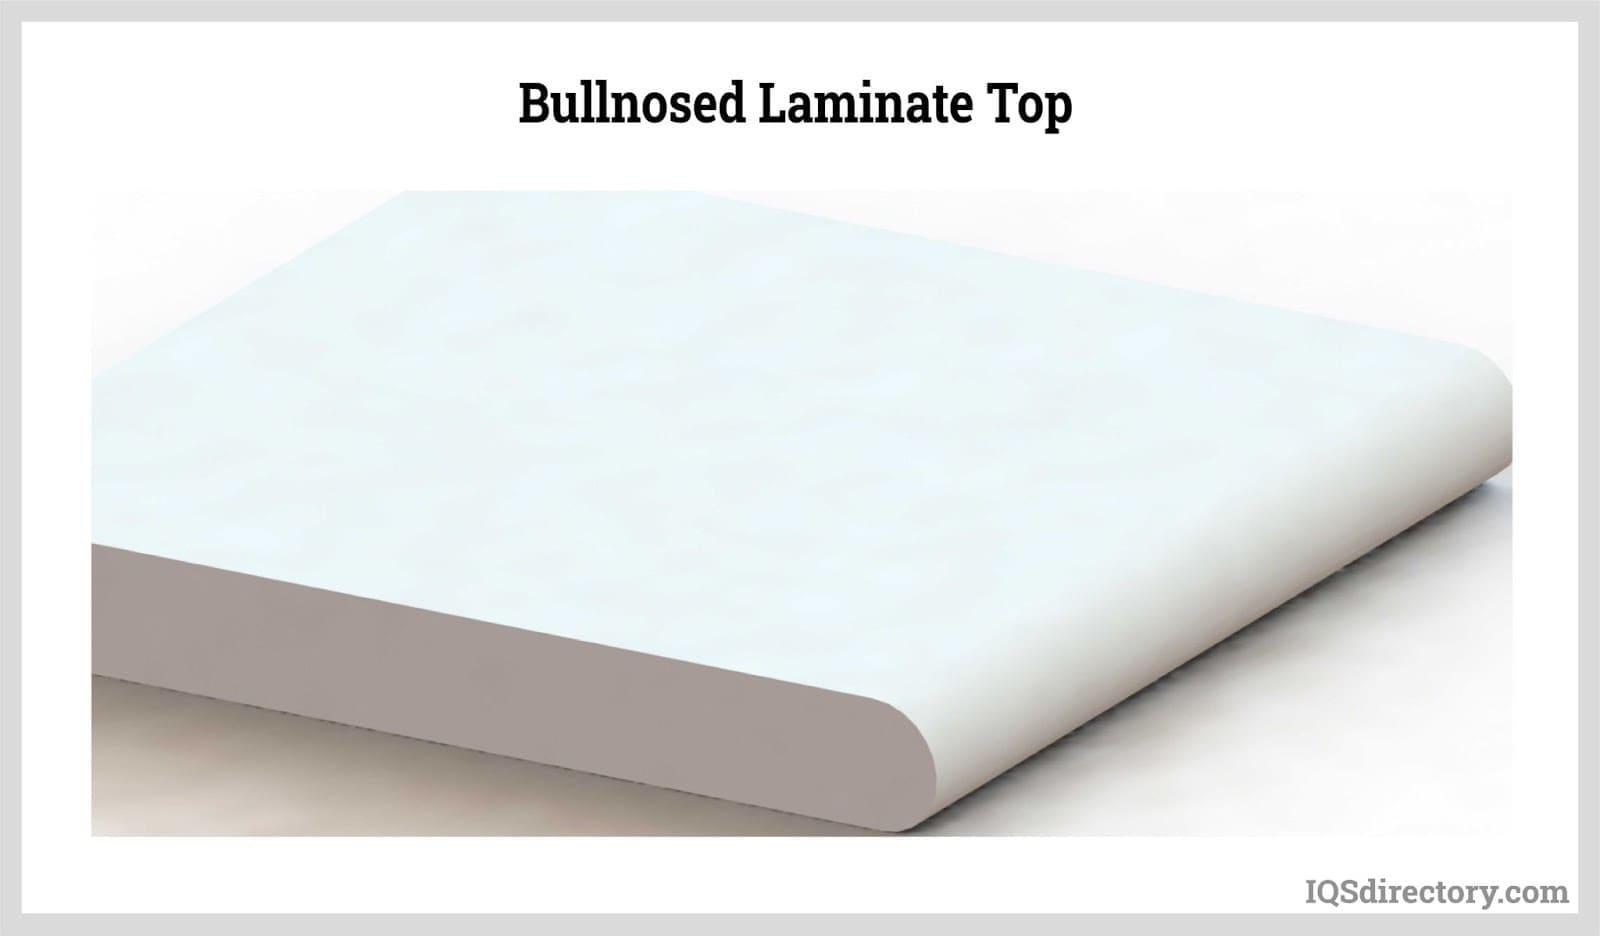 Bullnosed Laminate Top